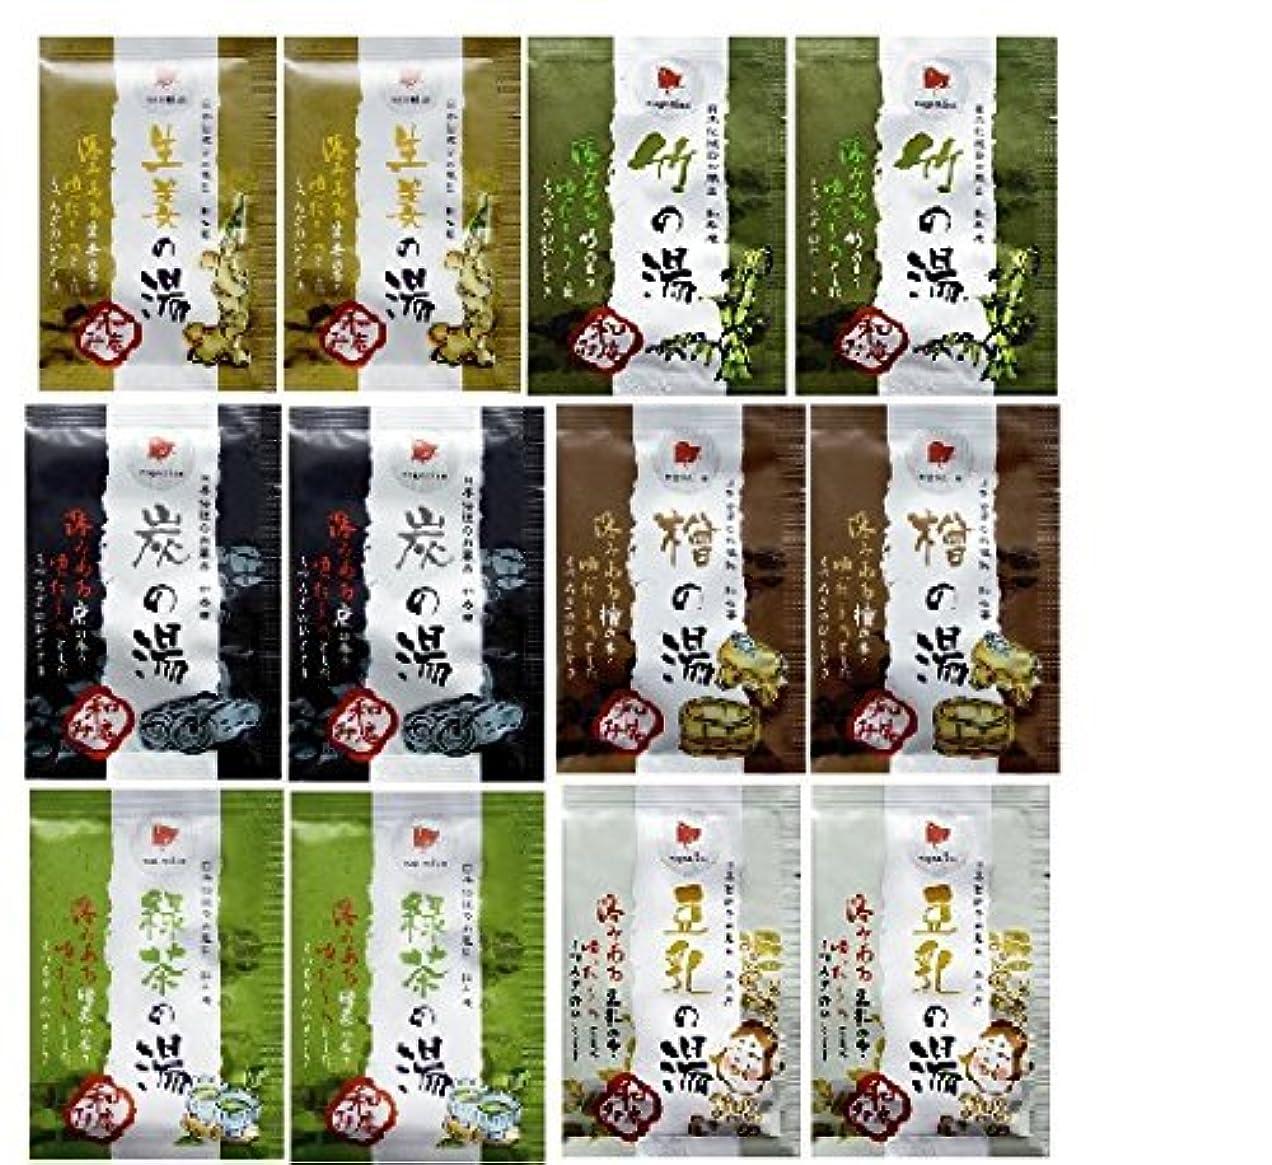 待って気体のワット日本伝統のお風呂 和み庵 6種類×2 12包